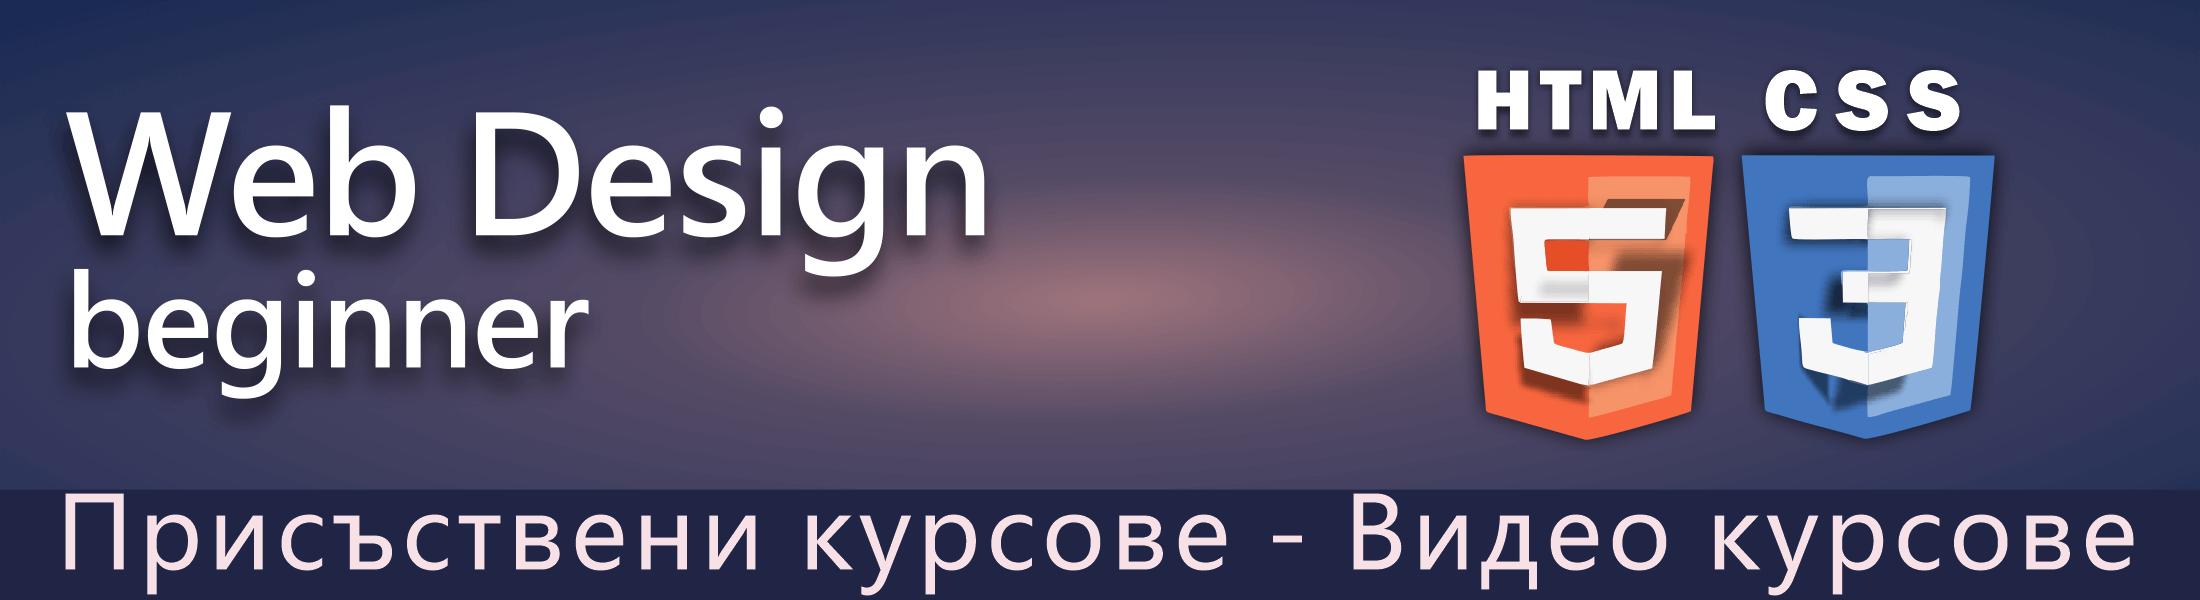 beginer